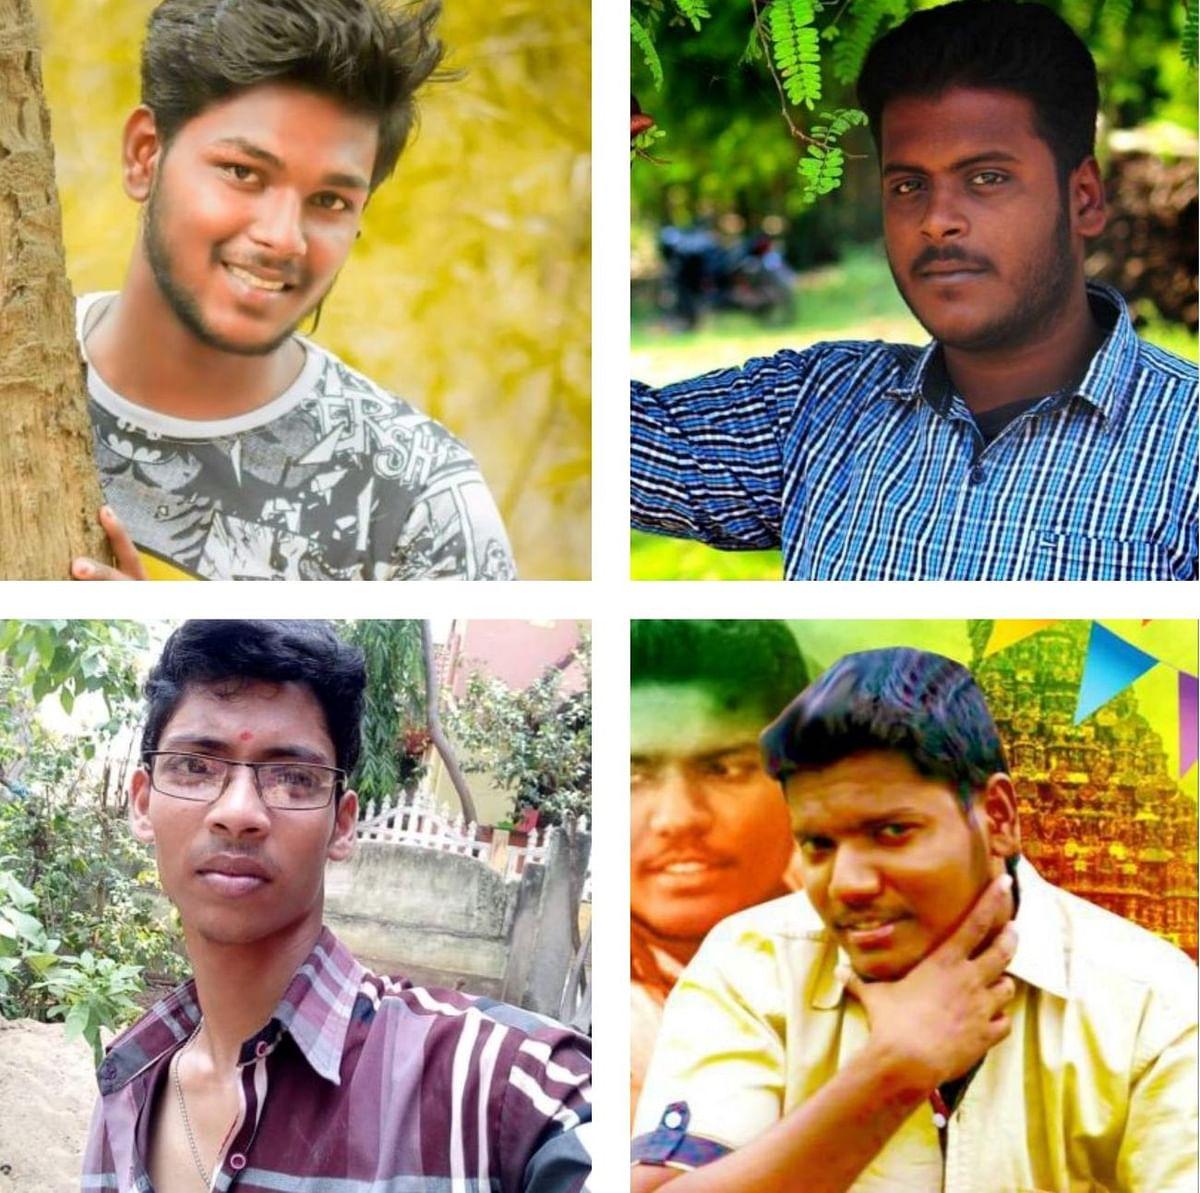 அன்பரசு, தினேஷ் புருஷோத்தமன், வசந்த்